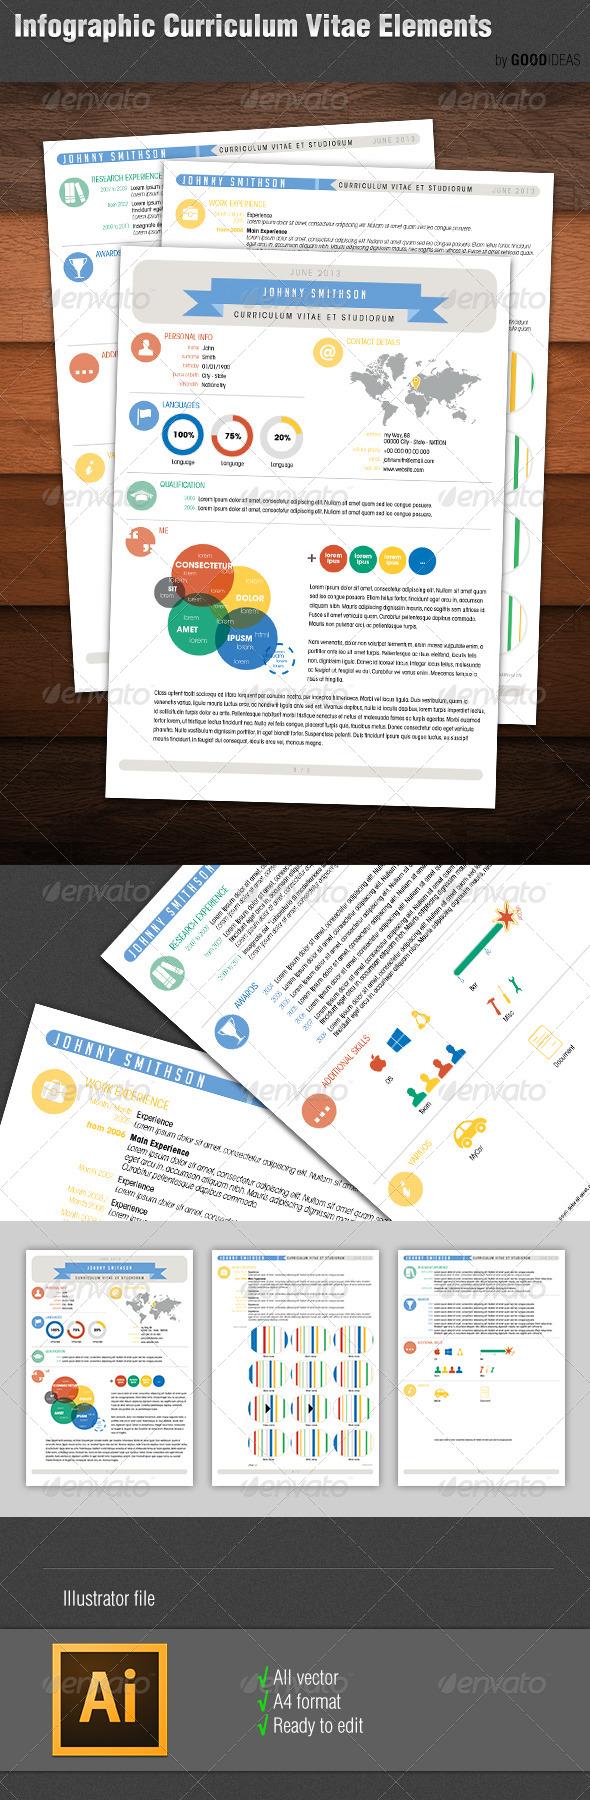 Infographic Curriculum Vitae Resume Elements - http://graphicriver.net/item/infographic-curriculum-vitae-resume-elements/5238032?WT.ac=search_thumb&WT.z_author=GoodIdeas